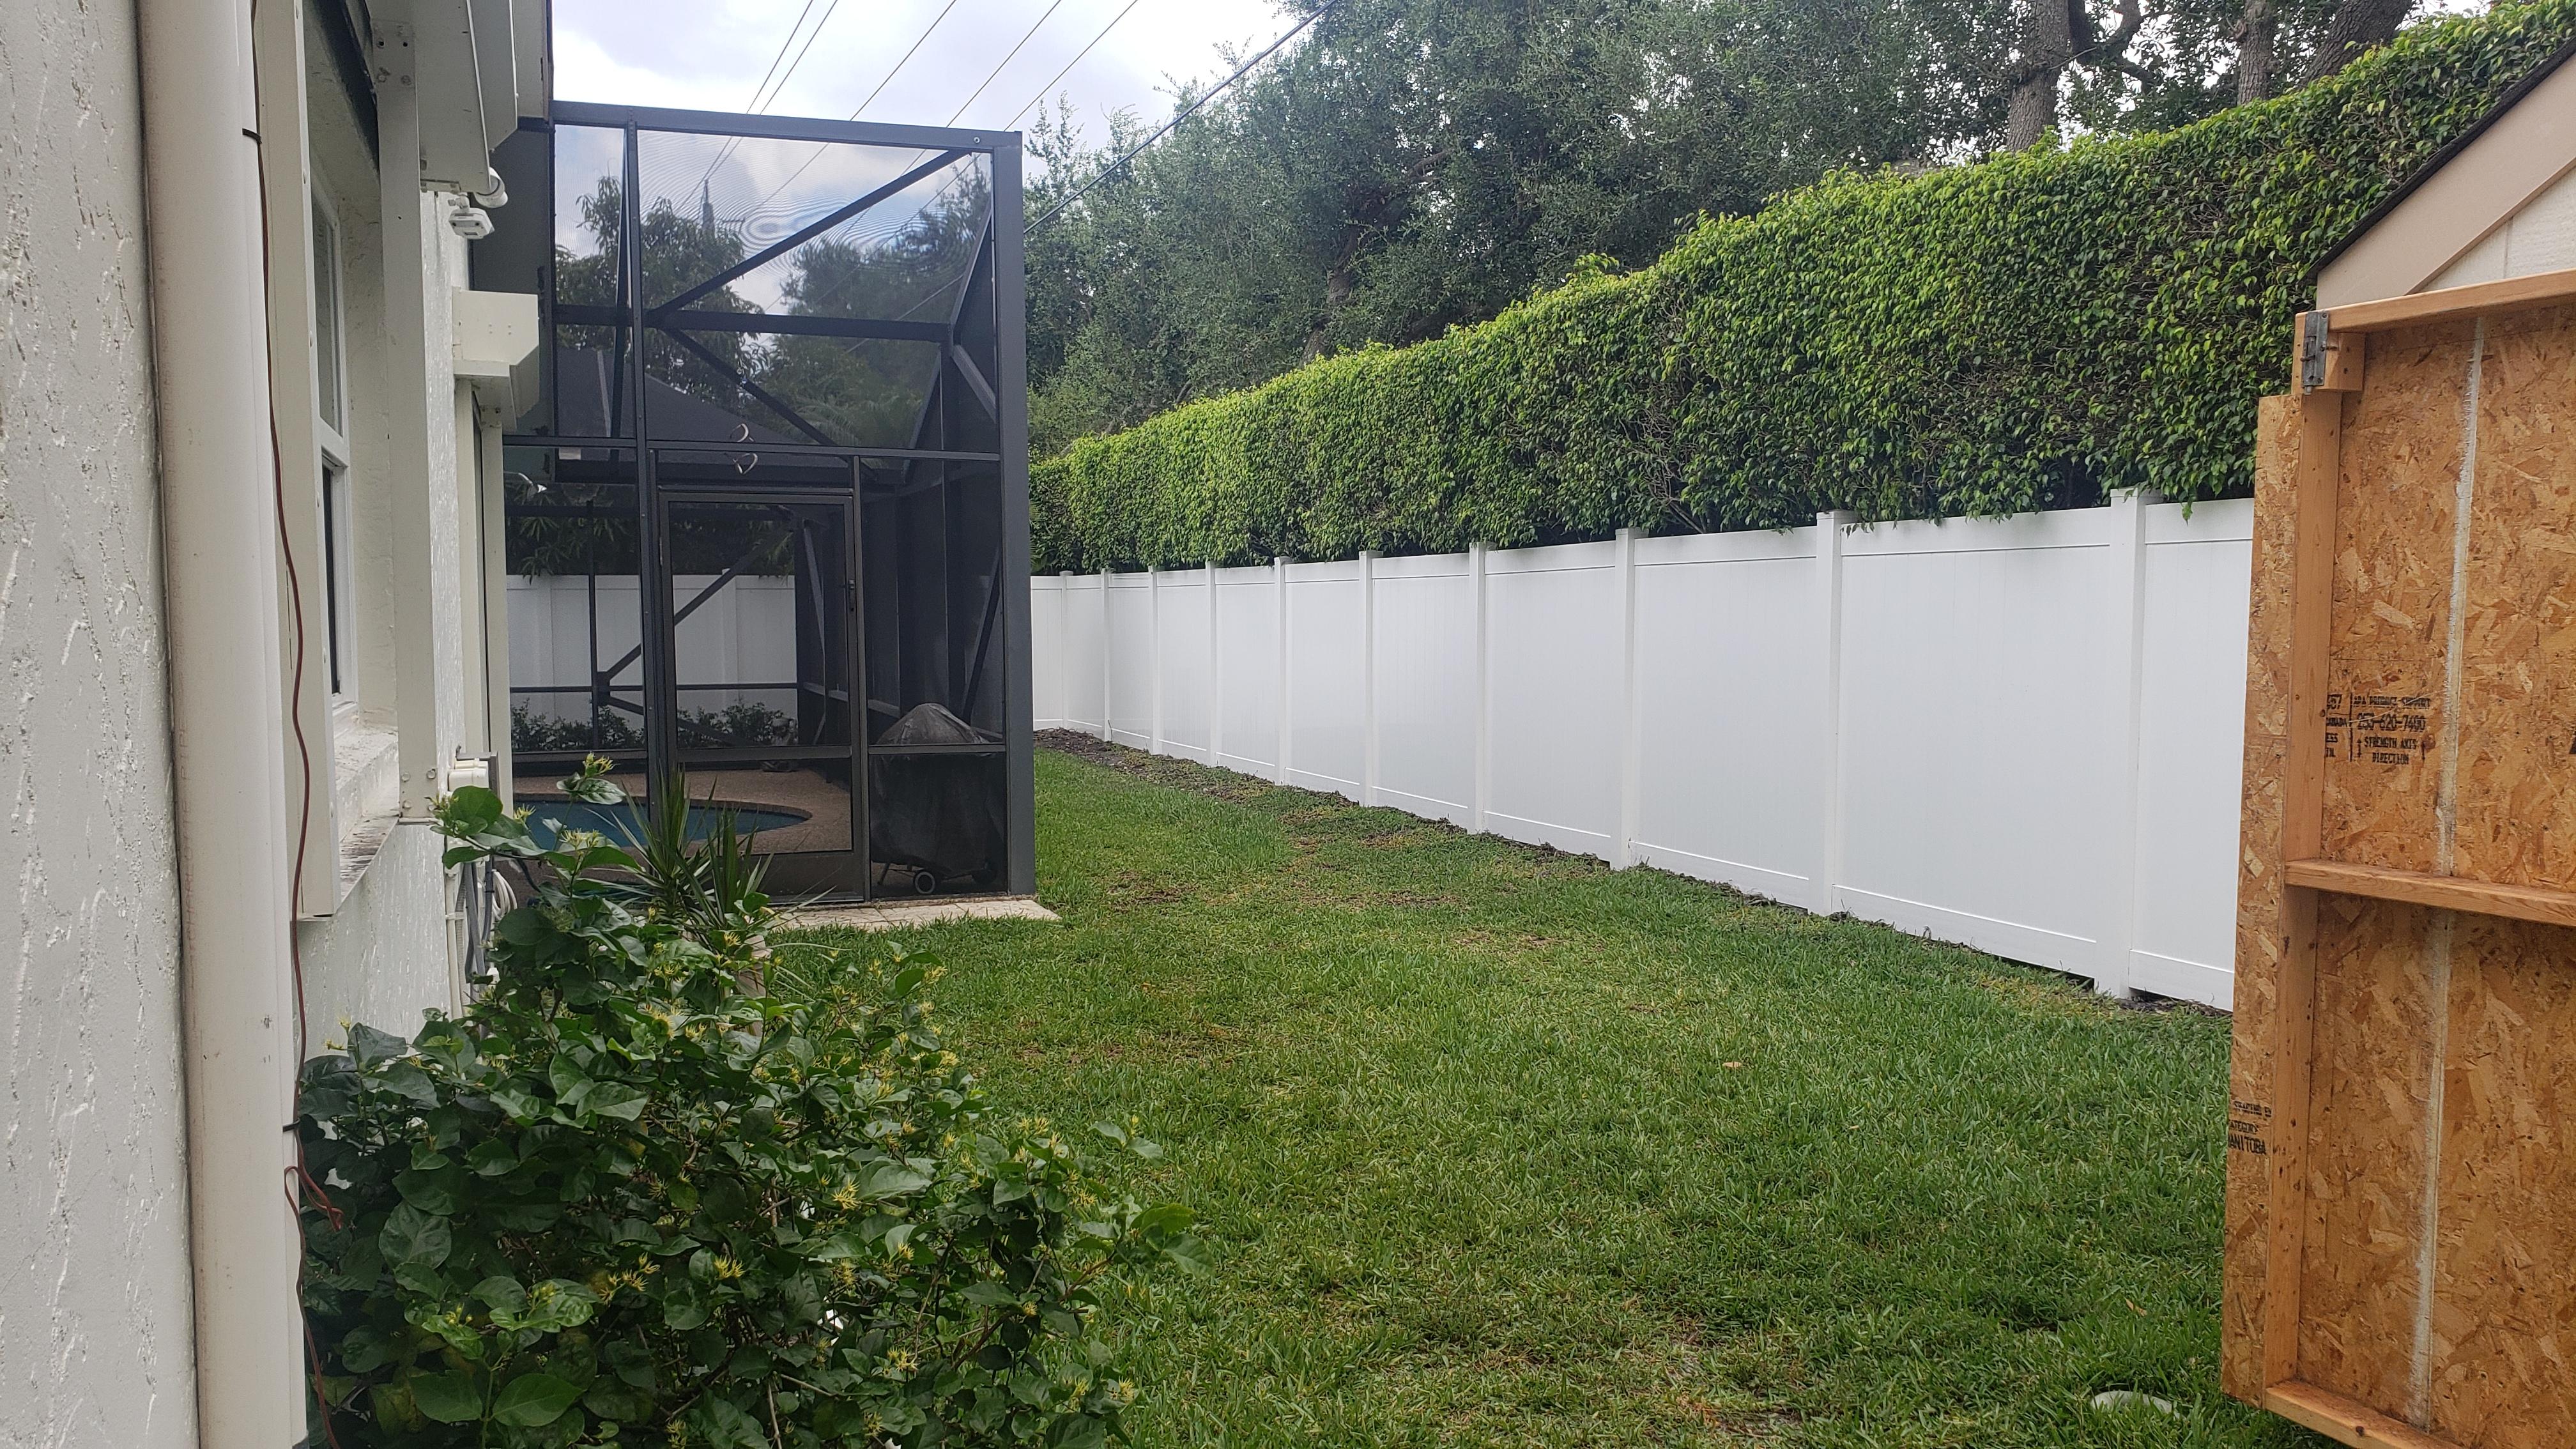 amarillo commercial fencing companies